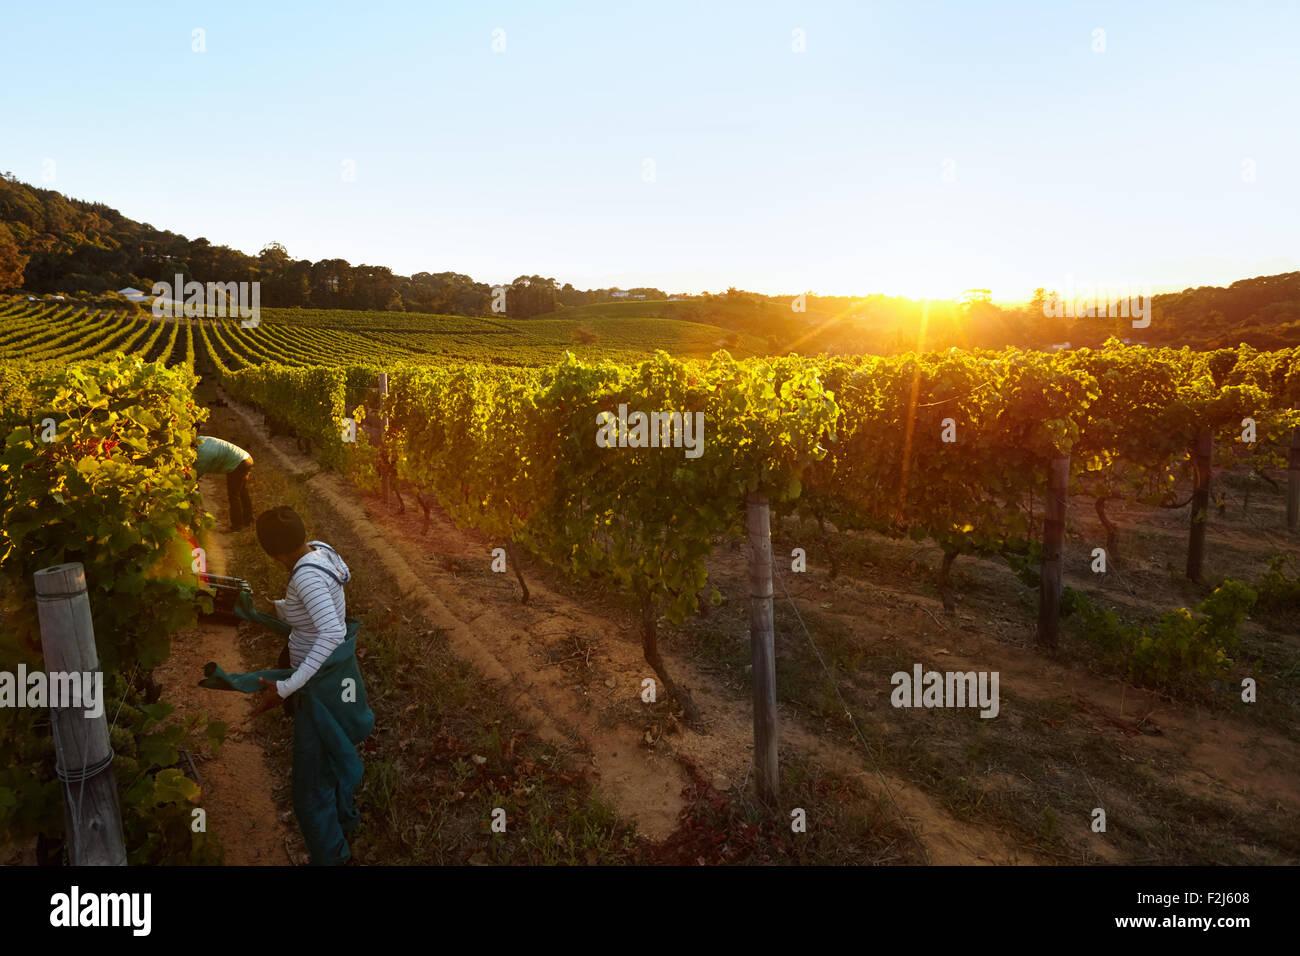 Reihe von Reben mit Arbeitnehmer, die in Trauben Bauernhof. Menschen, die Ernte der Trauben im Weinberg. Stockbild